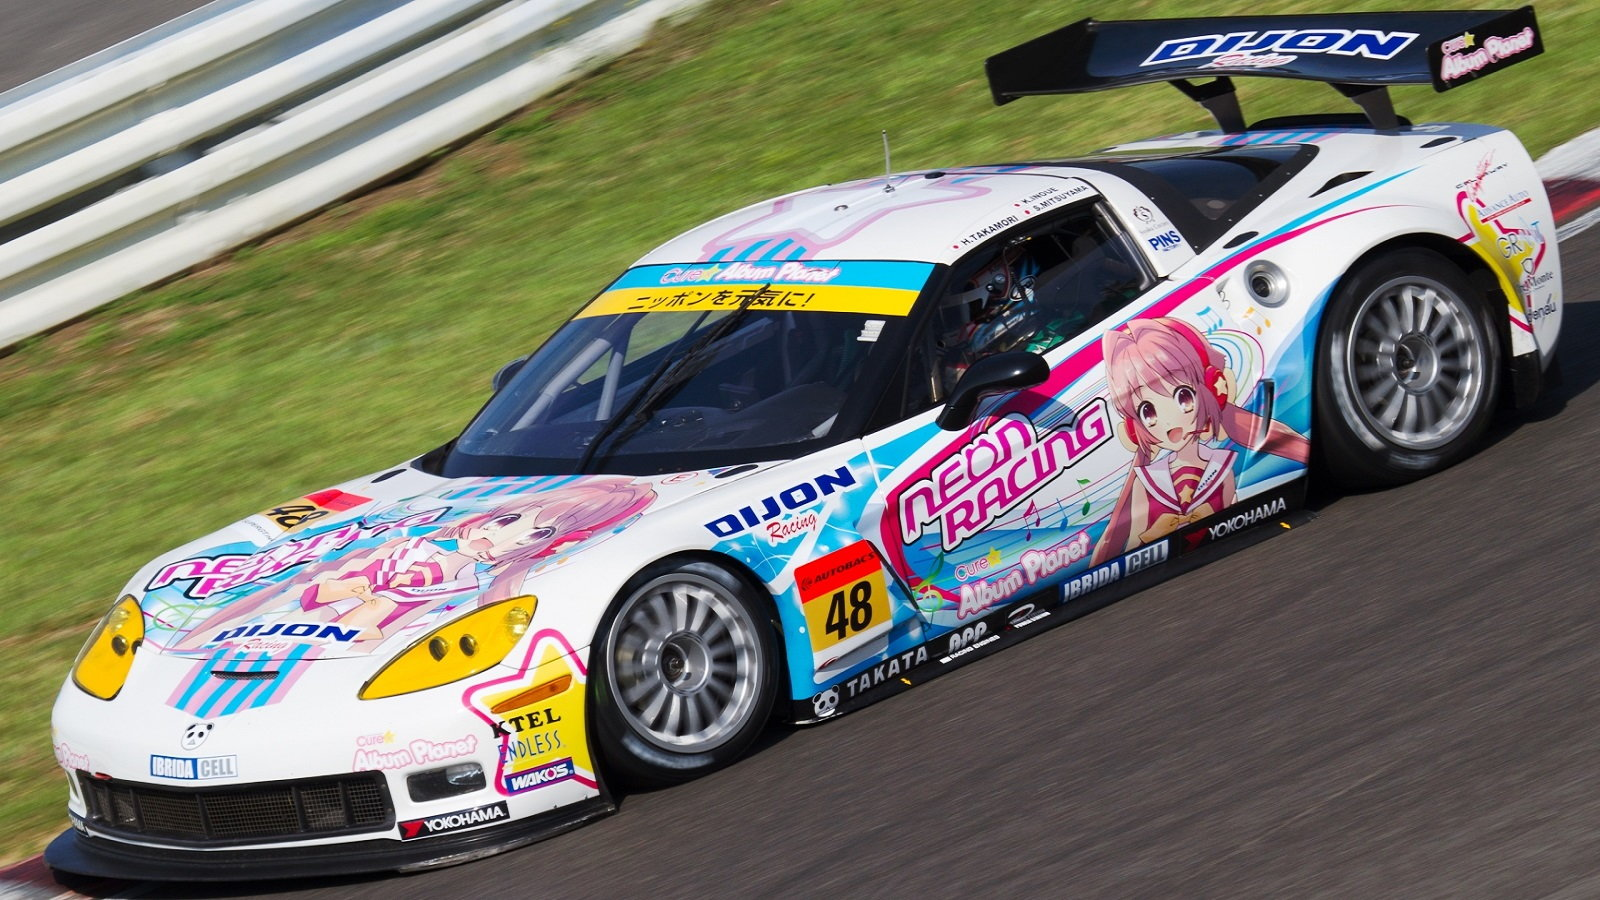 Corvette Racing in Japan